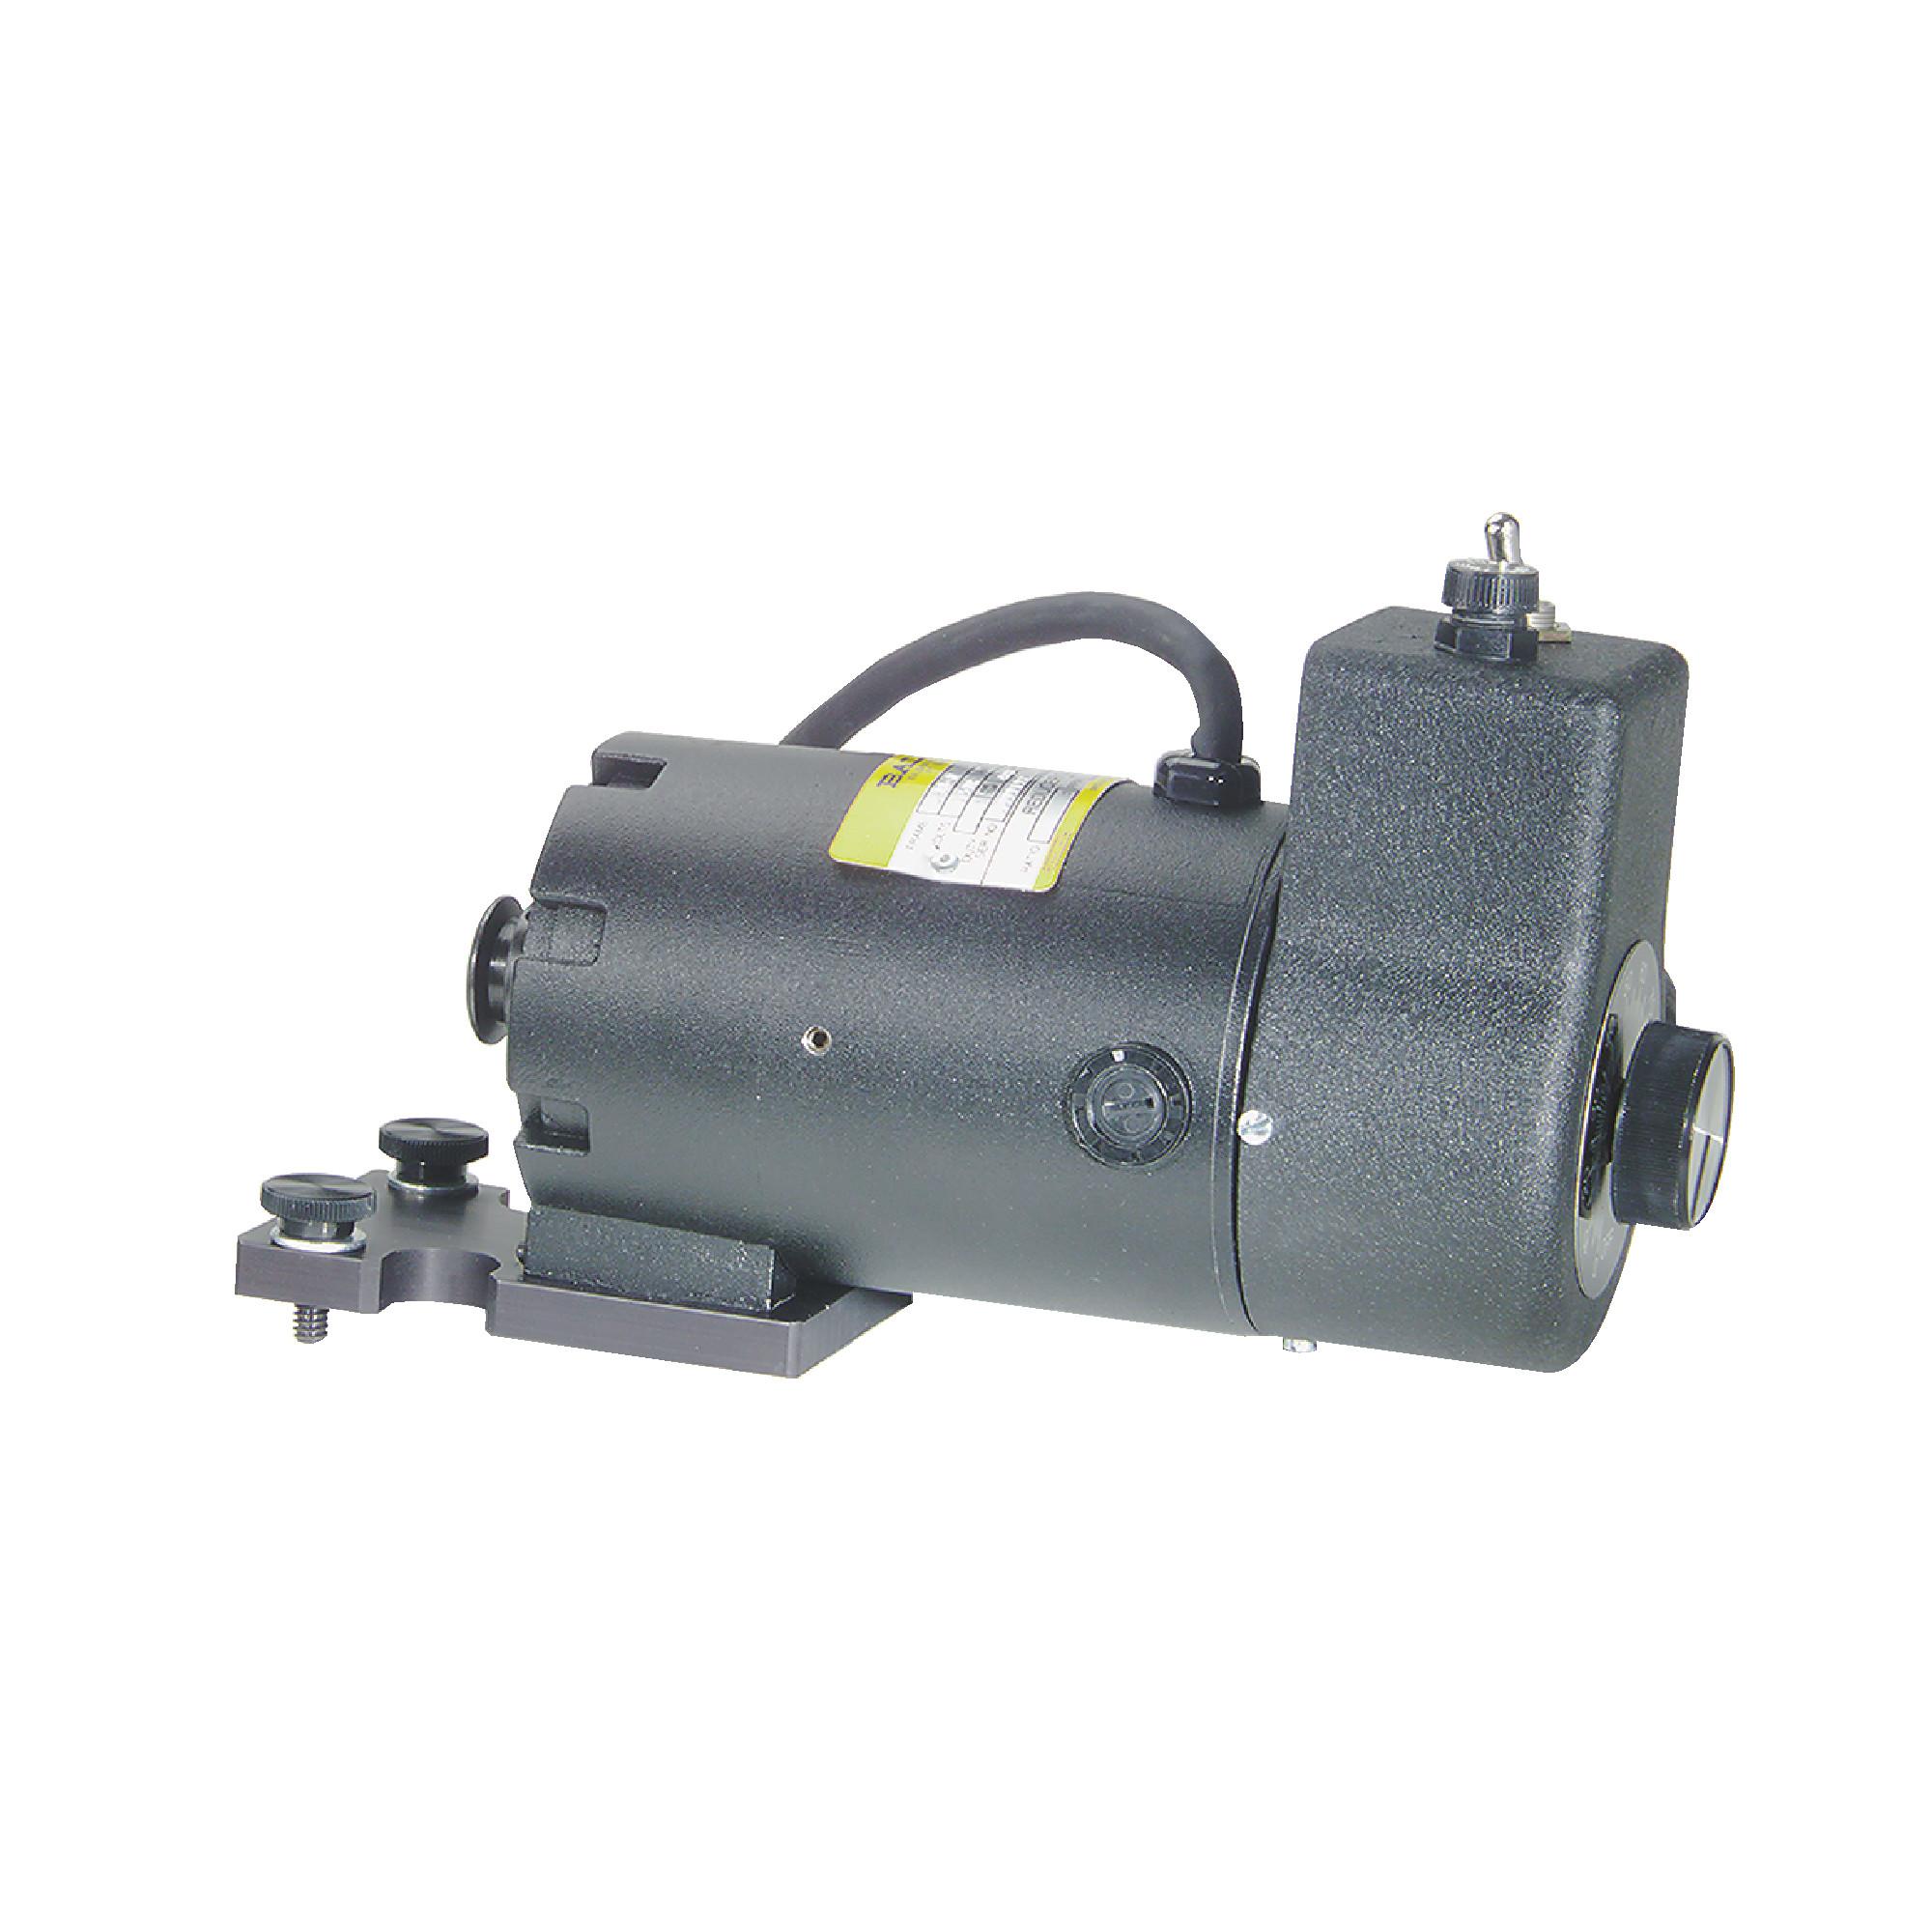 Variable Speed Motor for Ultra Grind #5C-V